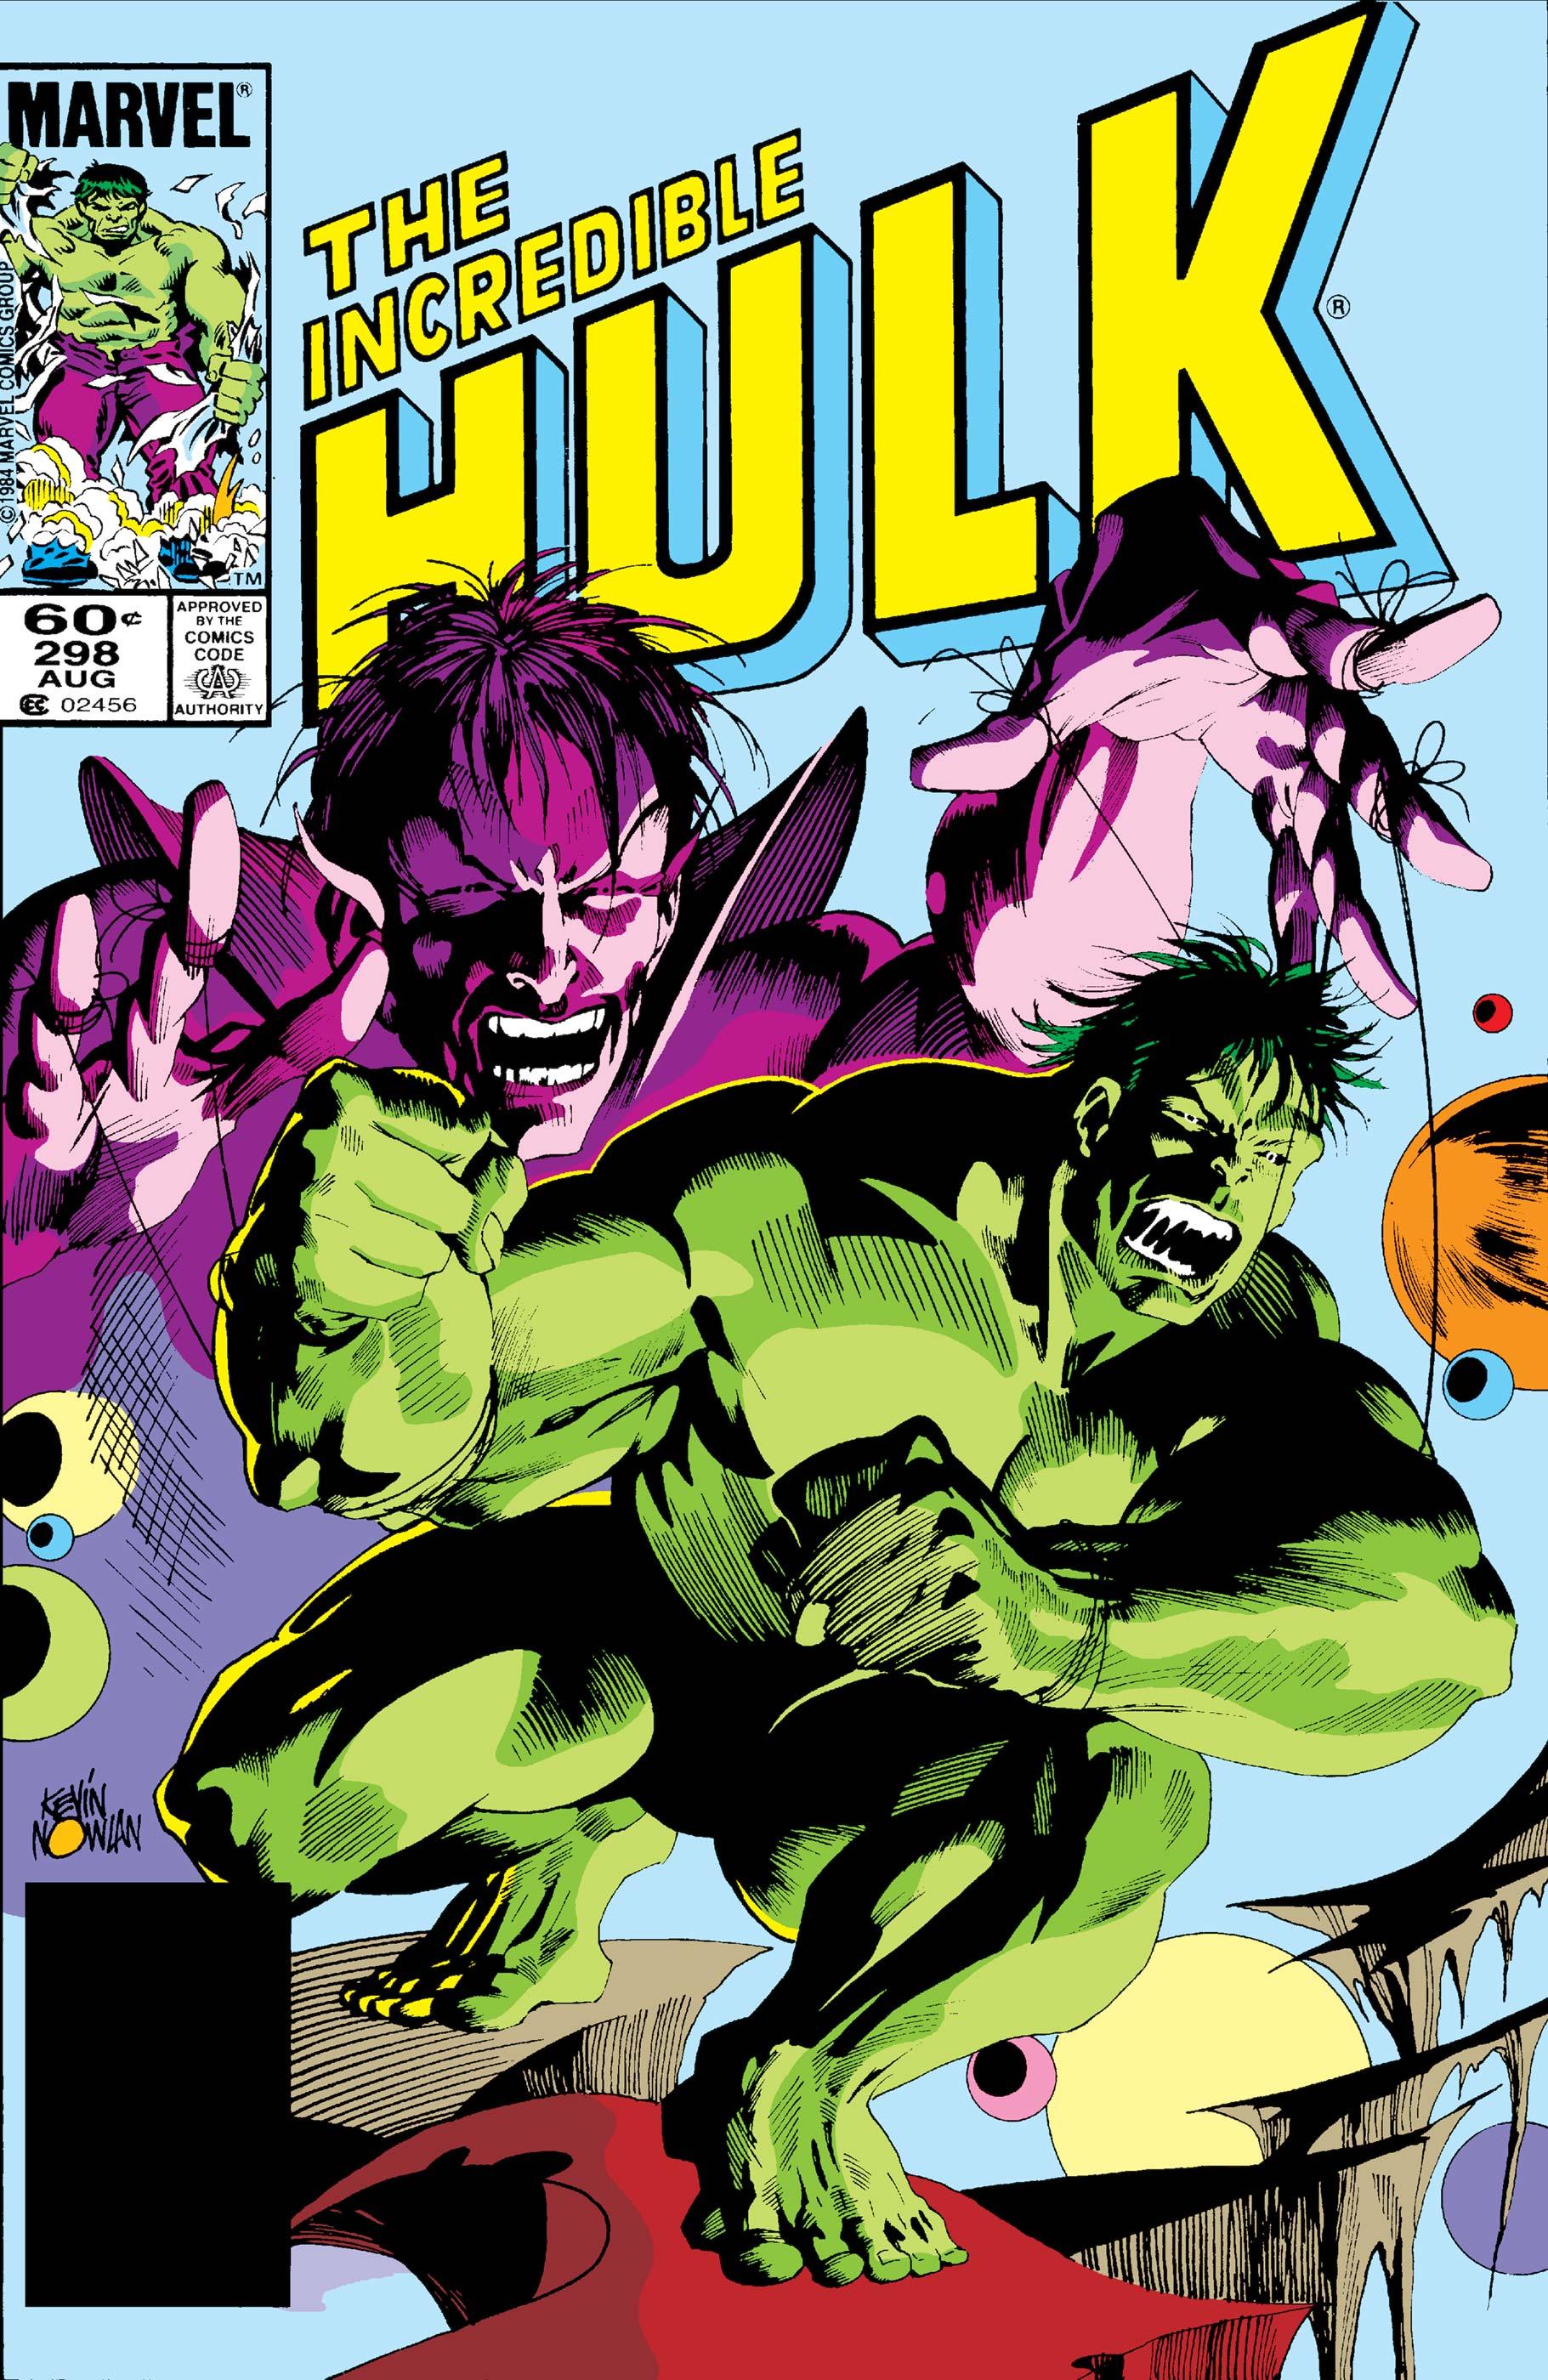 Incredible Hulk (1962) #298